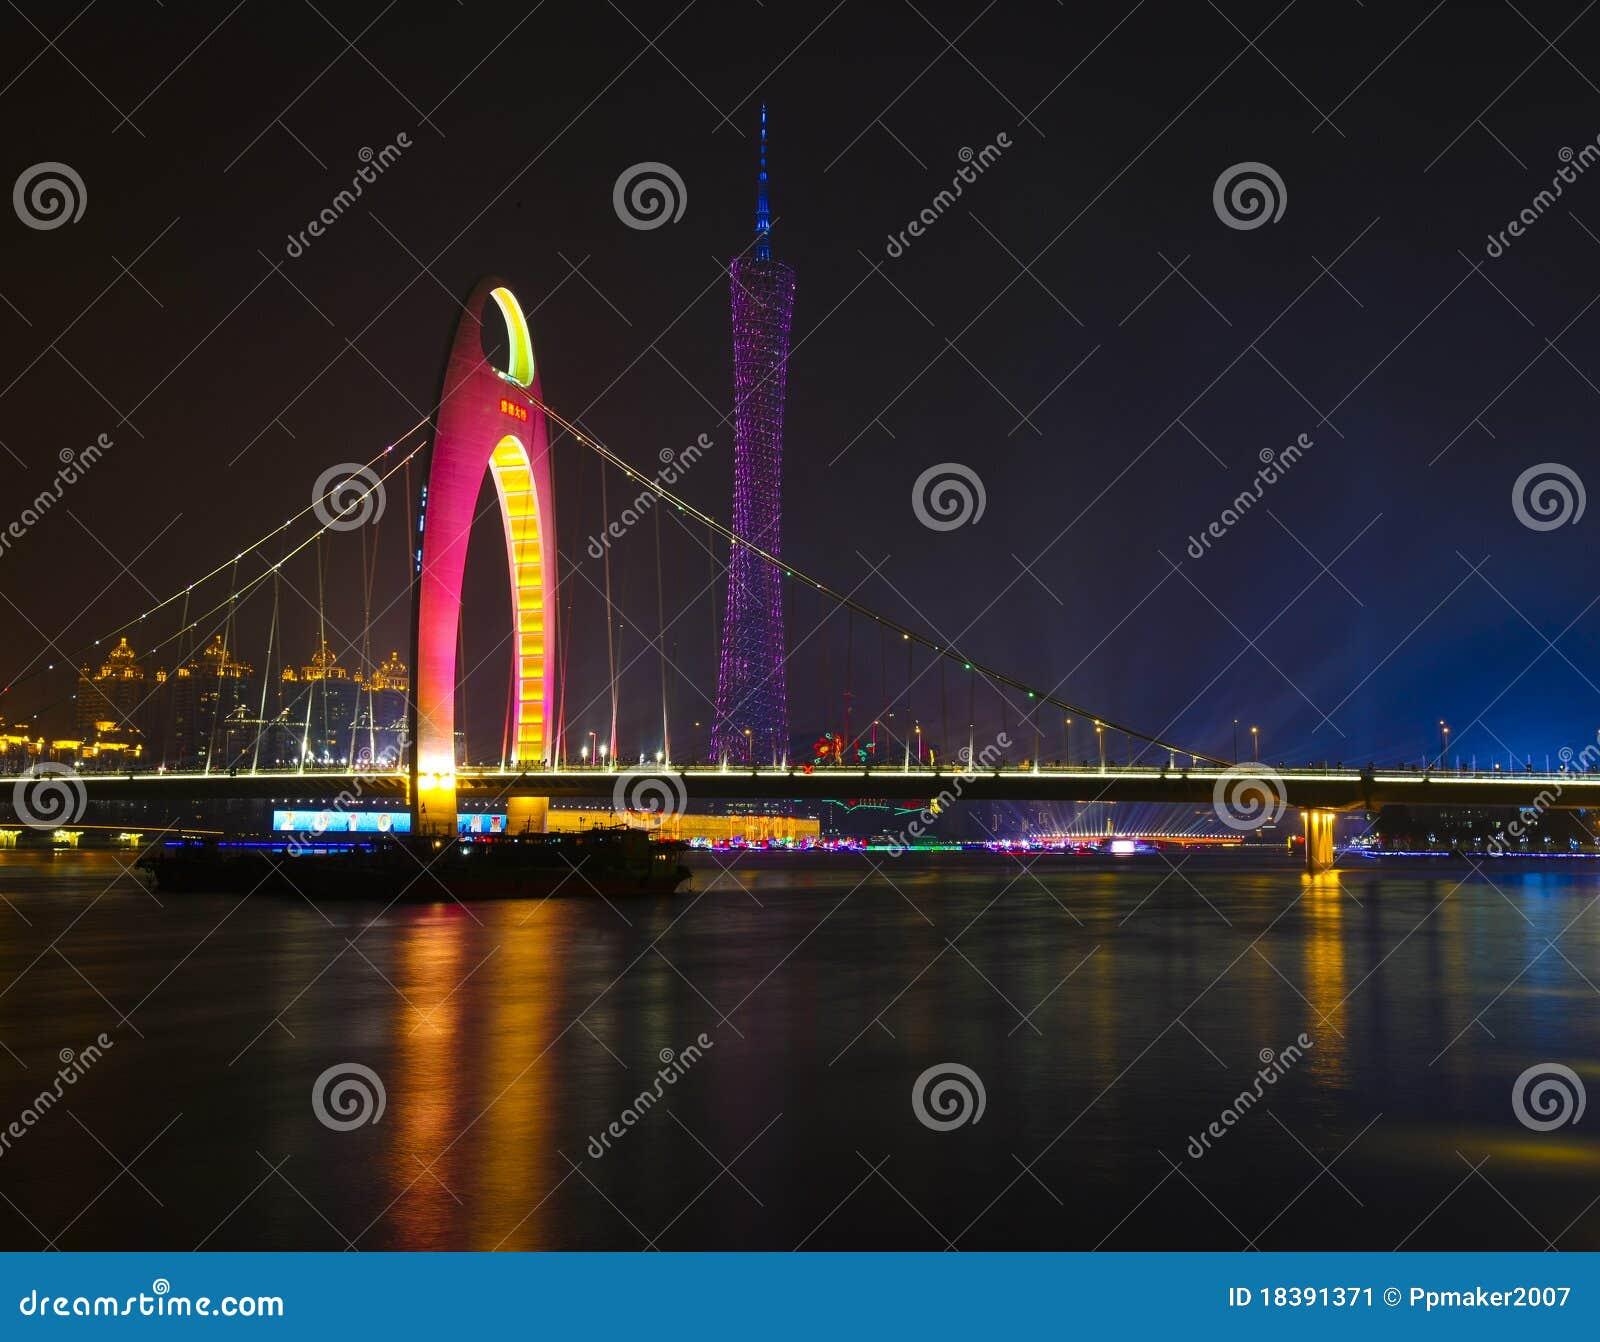 La noche escénica del puente de Liede y de la torre de la TV